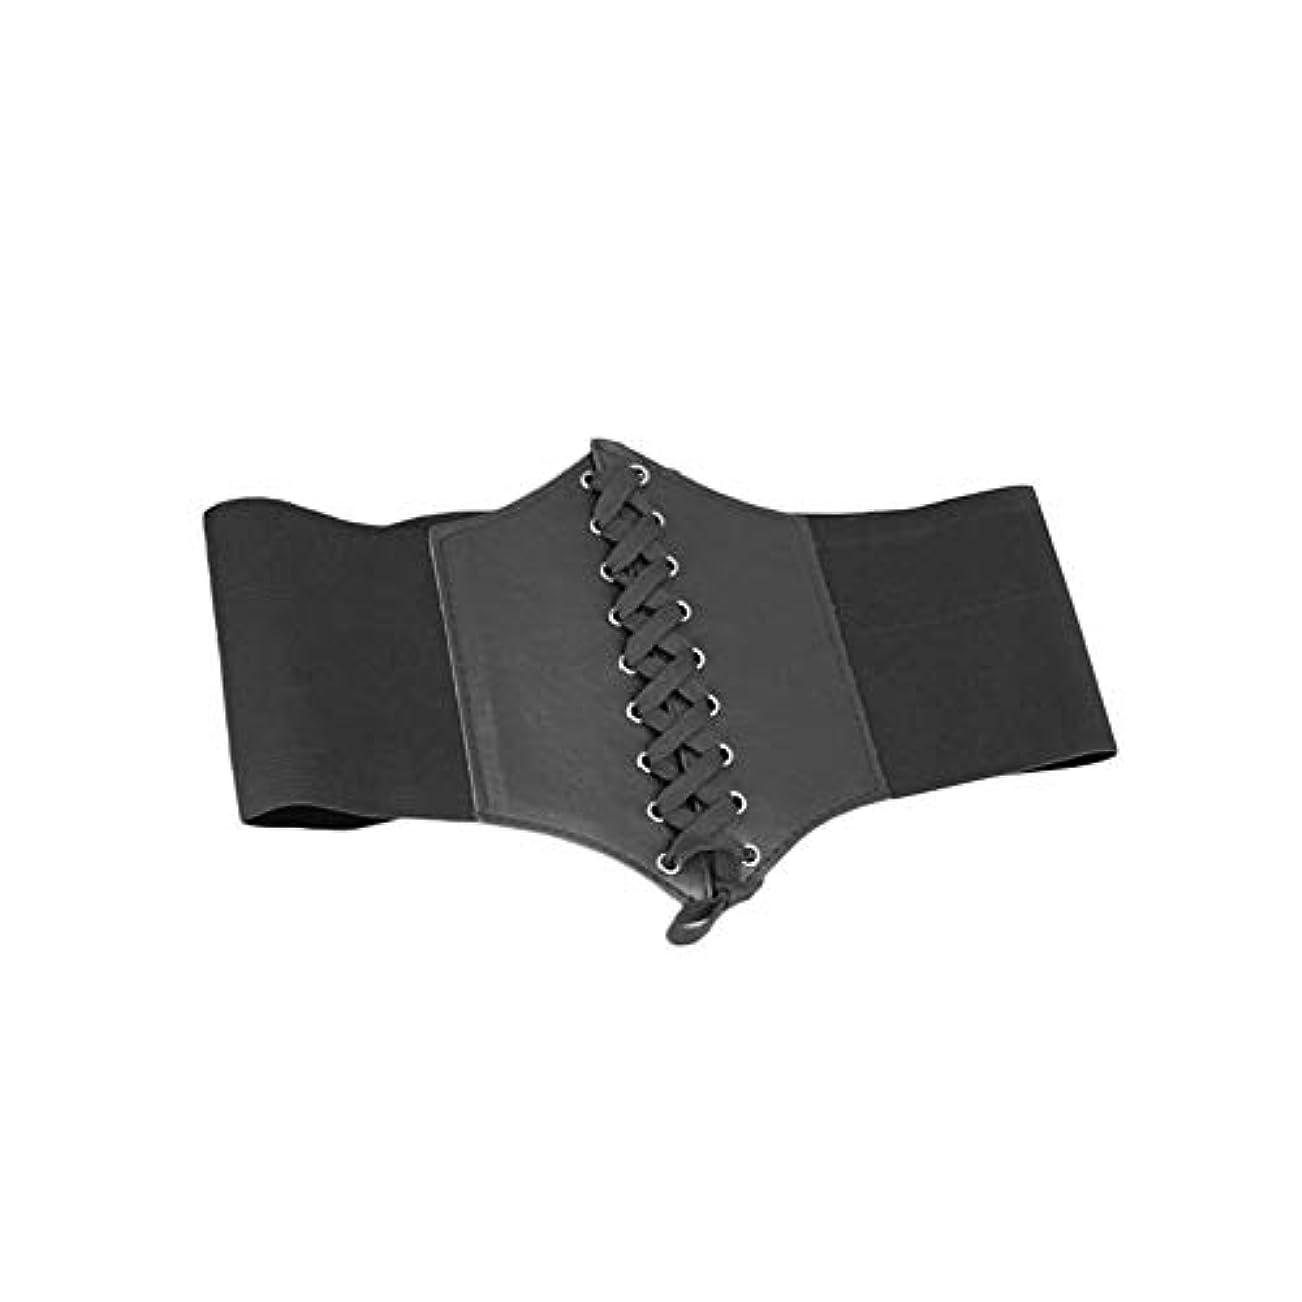 歌ぺディカブ絞る女性ヴィンテージソリッドベルトウエストニッパーレースアップコルセット包帯ハイストレッチ調節可能なネクタイワイドウエストバンド用女性 - 黒